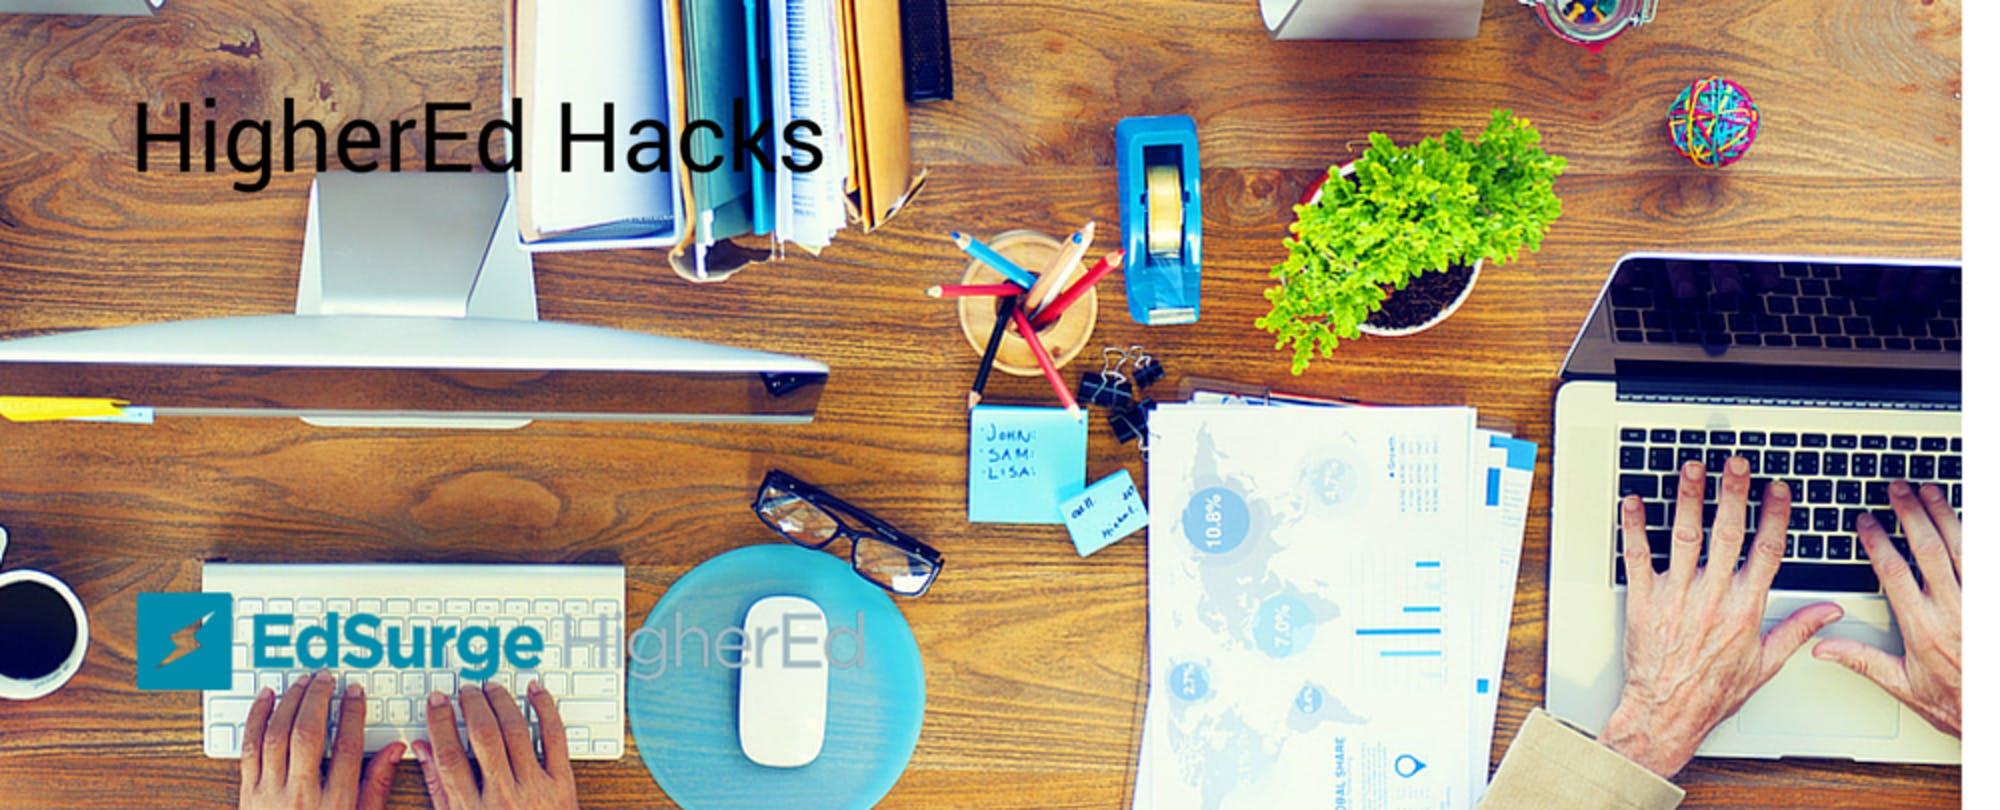 Higher-Ed Hacks of the Week: Zoom, Lumen Learning Candela, Doodle